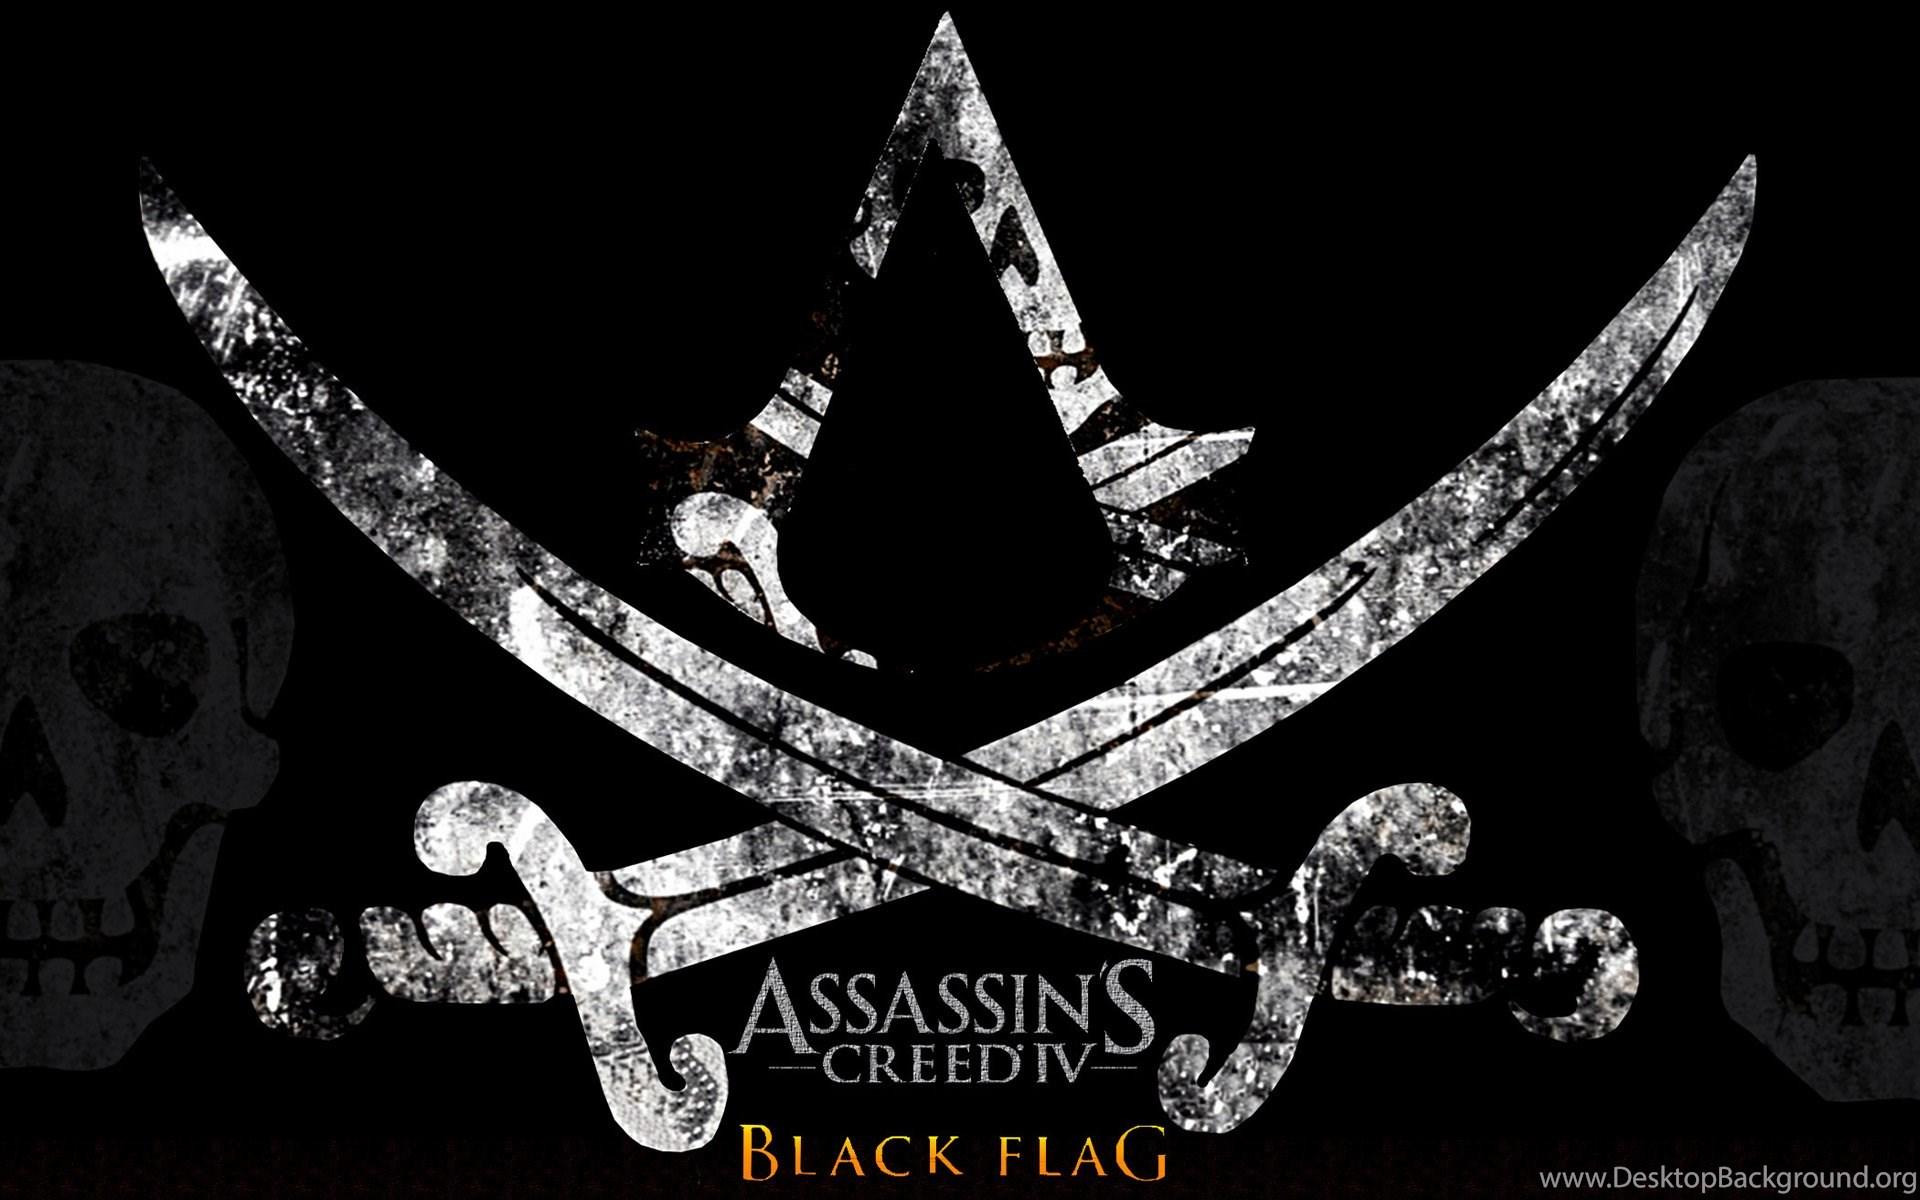 Assassins Creed Iv Black Flag Logo Wallpapers Desktop Background